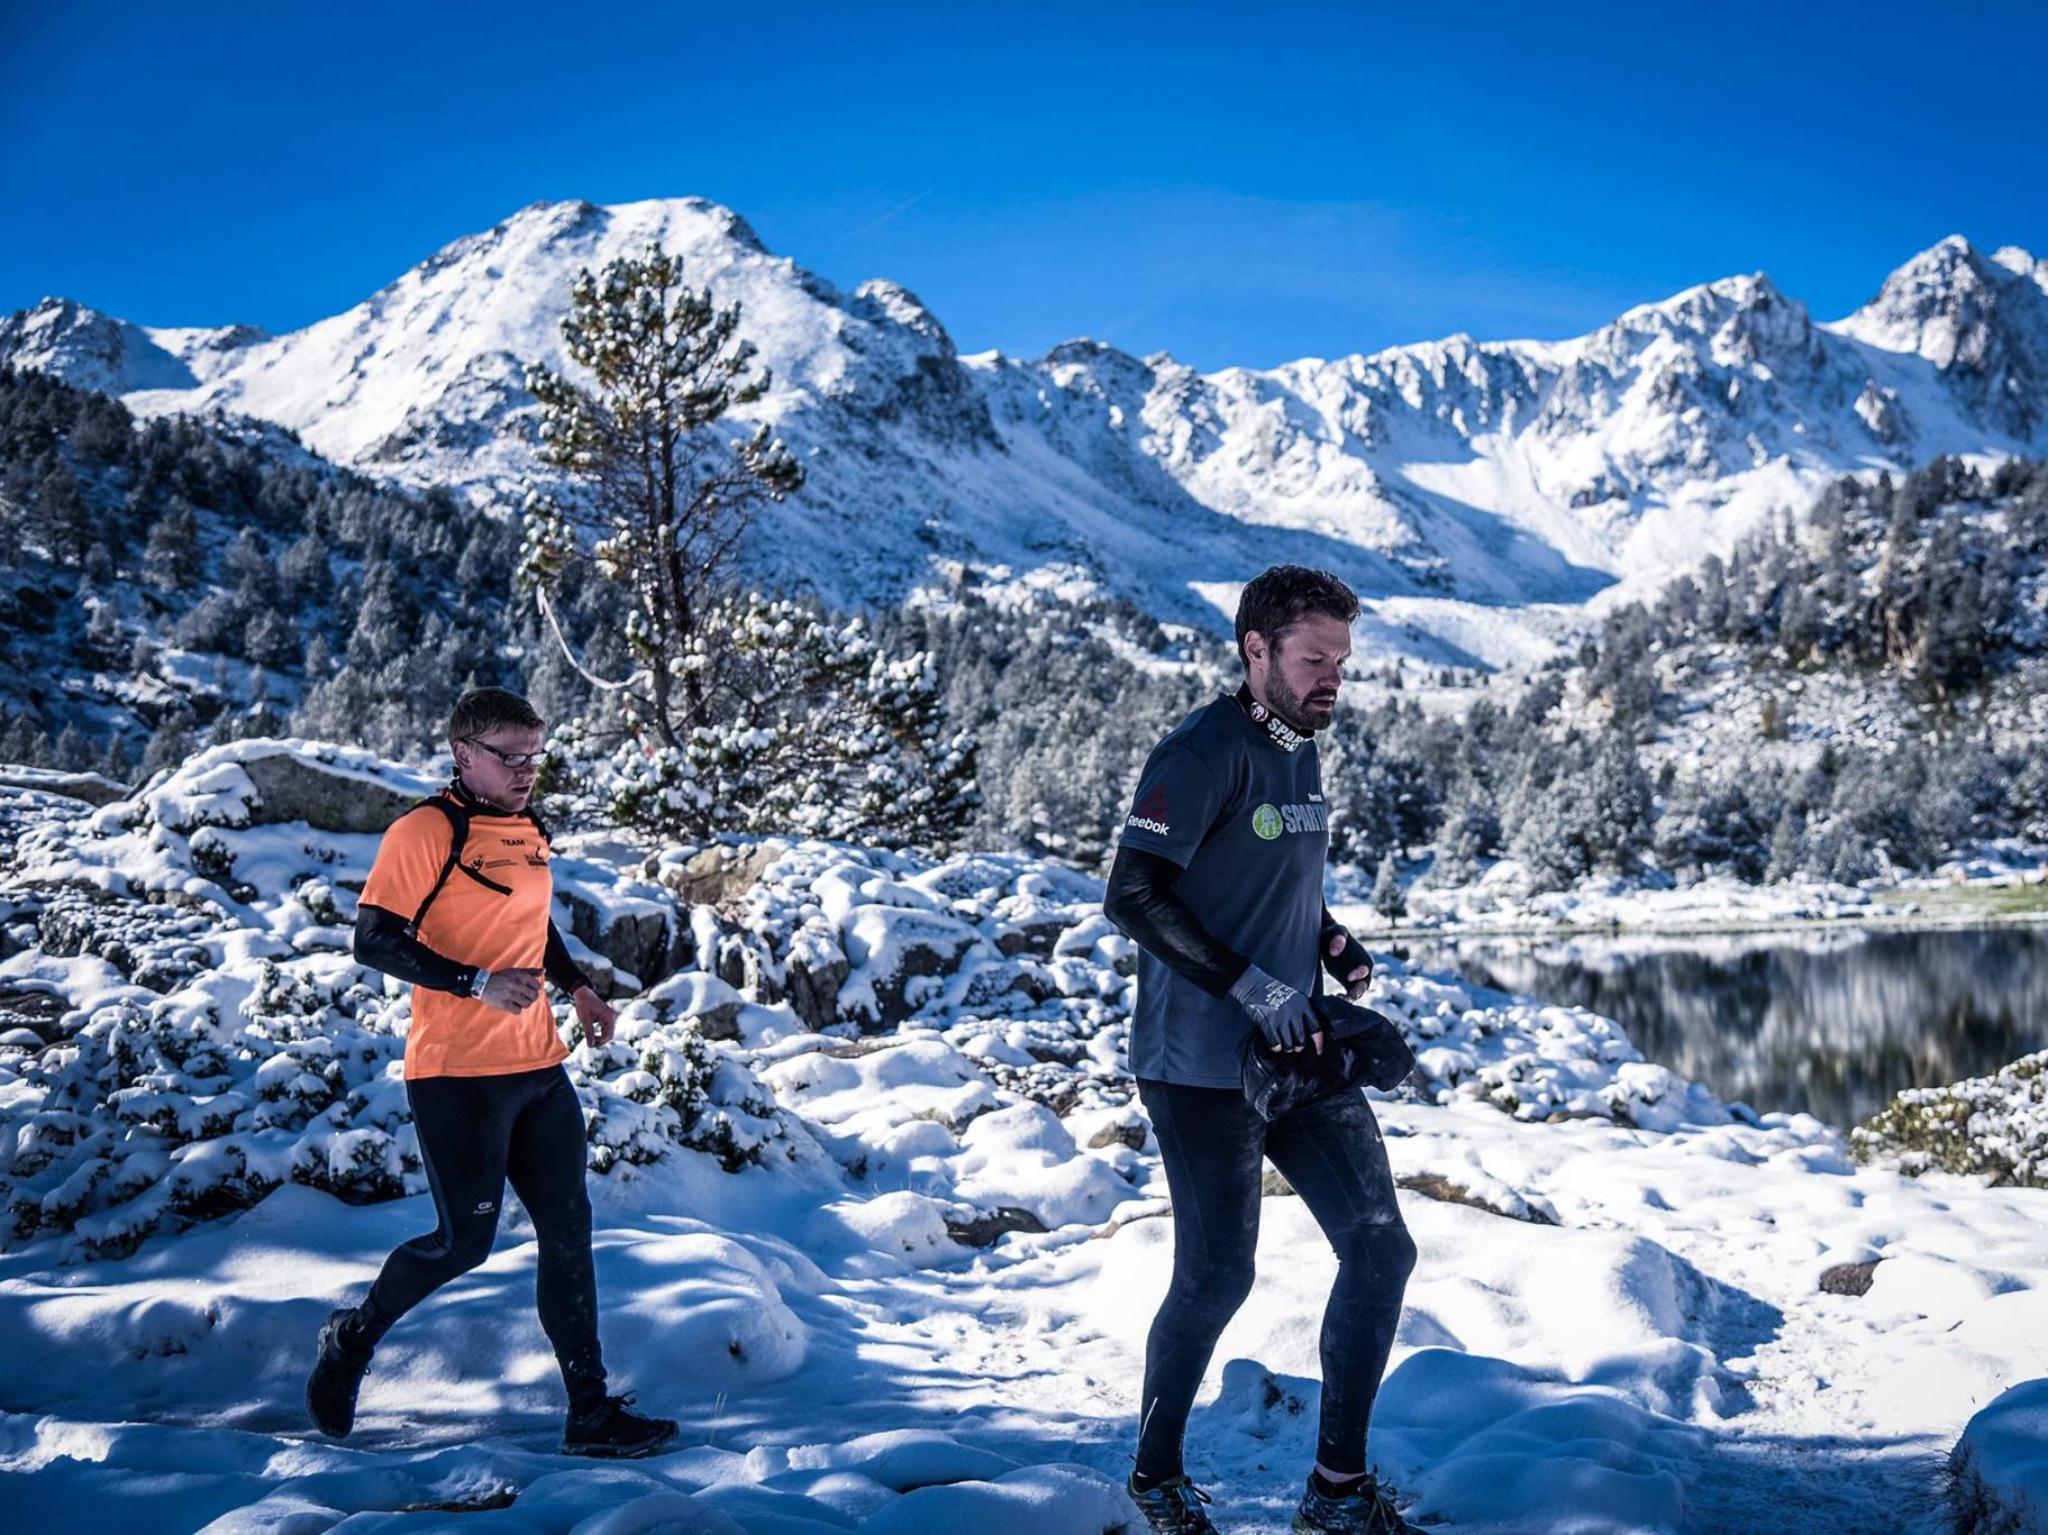 Sven Gewald bei einem Spartan Race in Andorra. Foto: Sportograf, Sven Gehwald